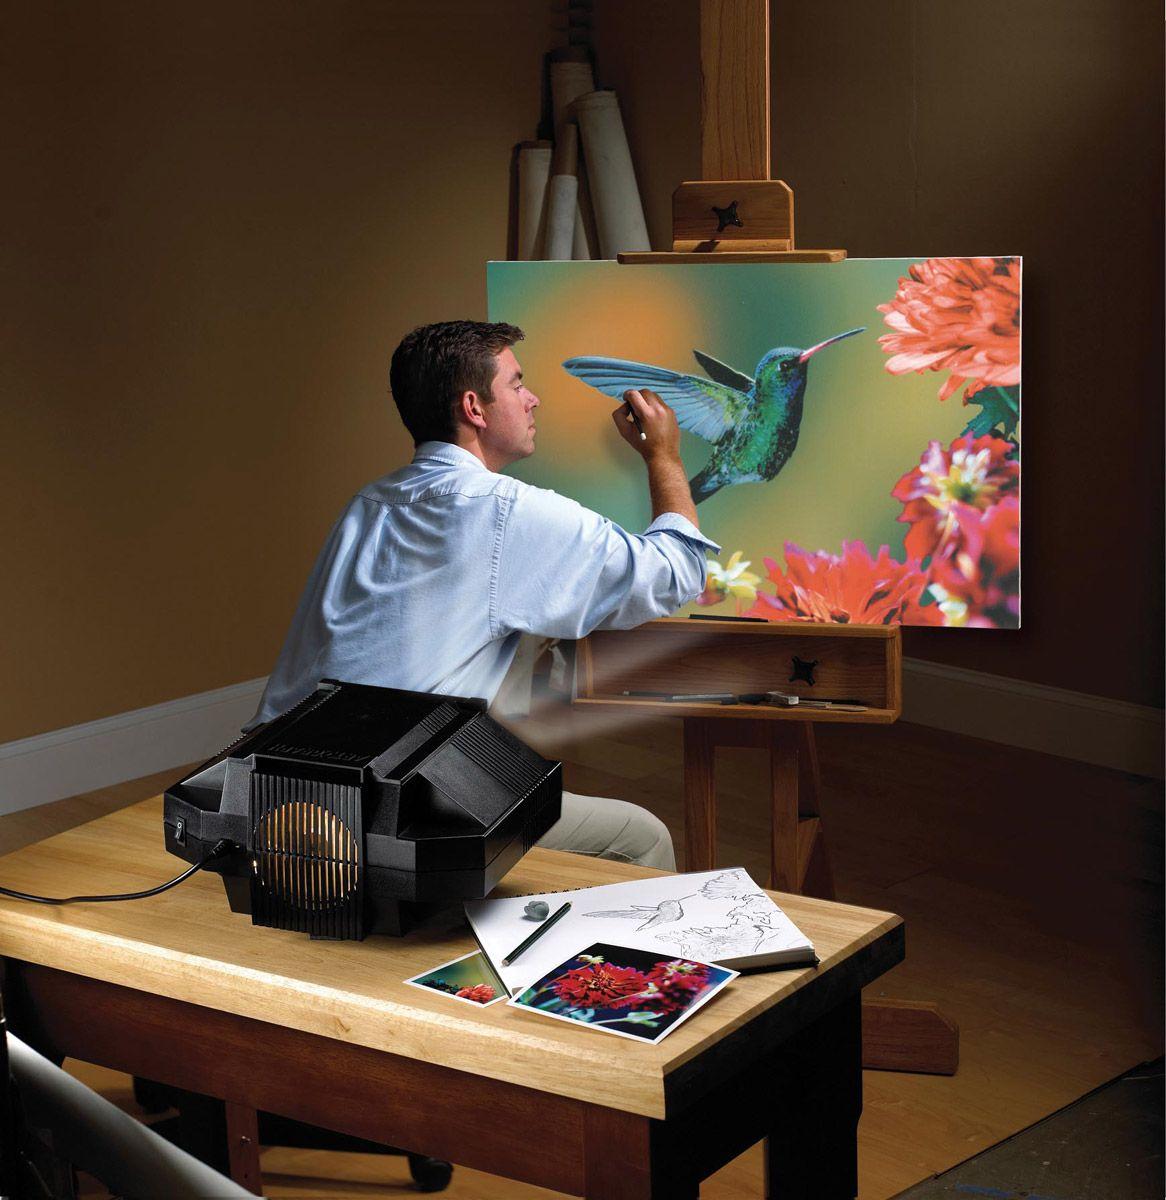 Artograph prism projector art projector digital art